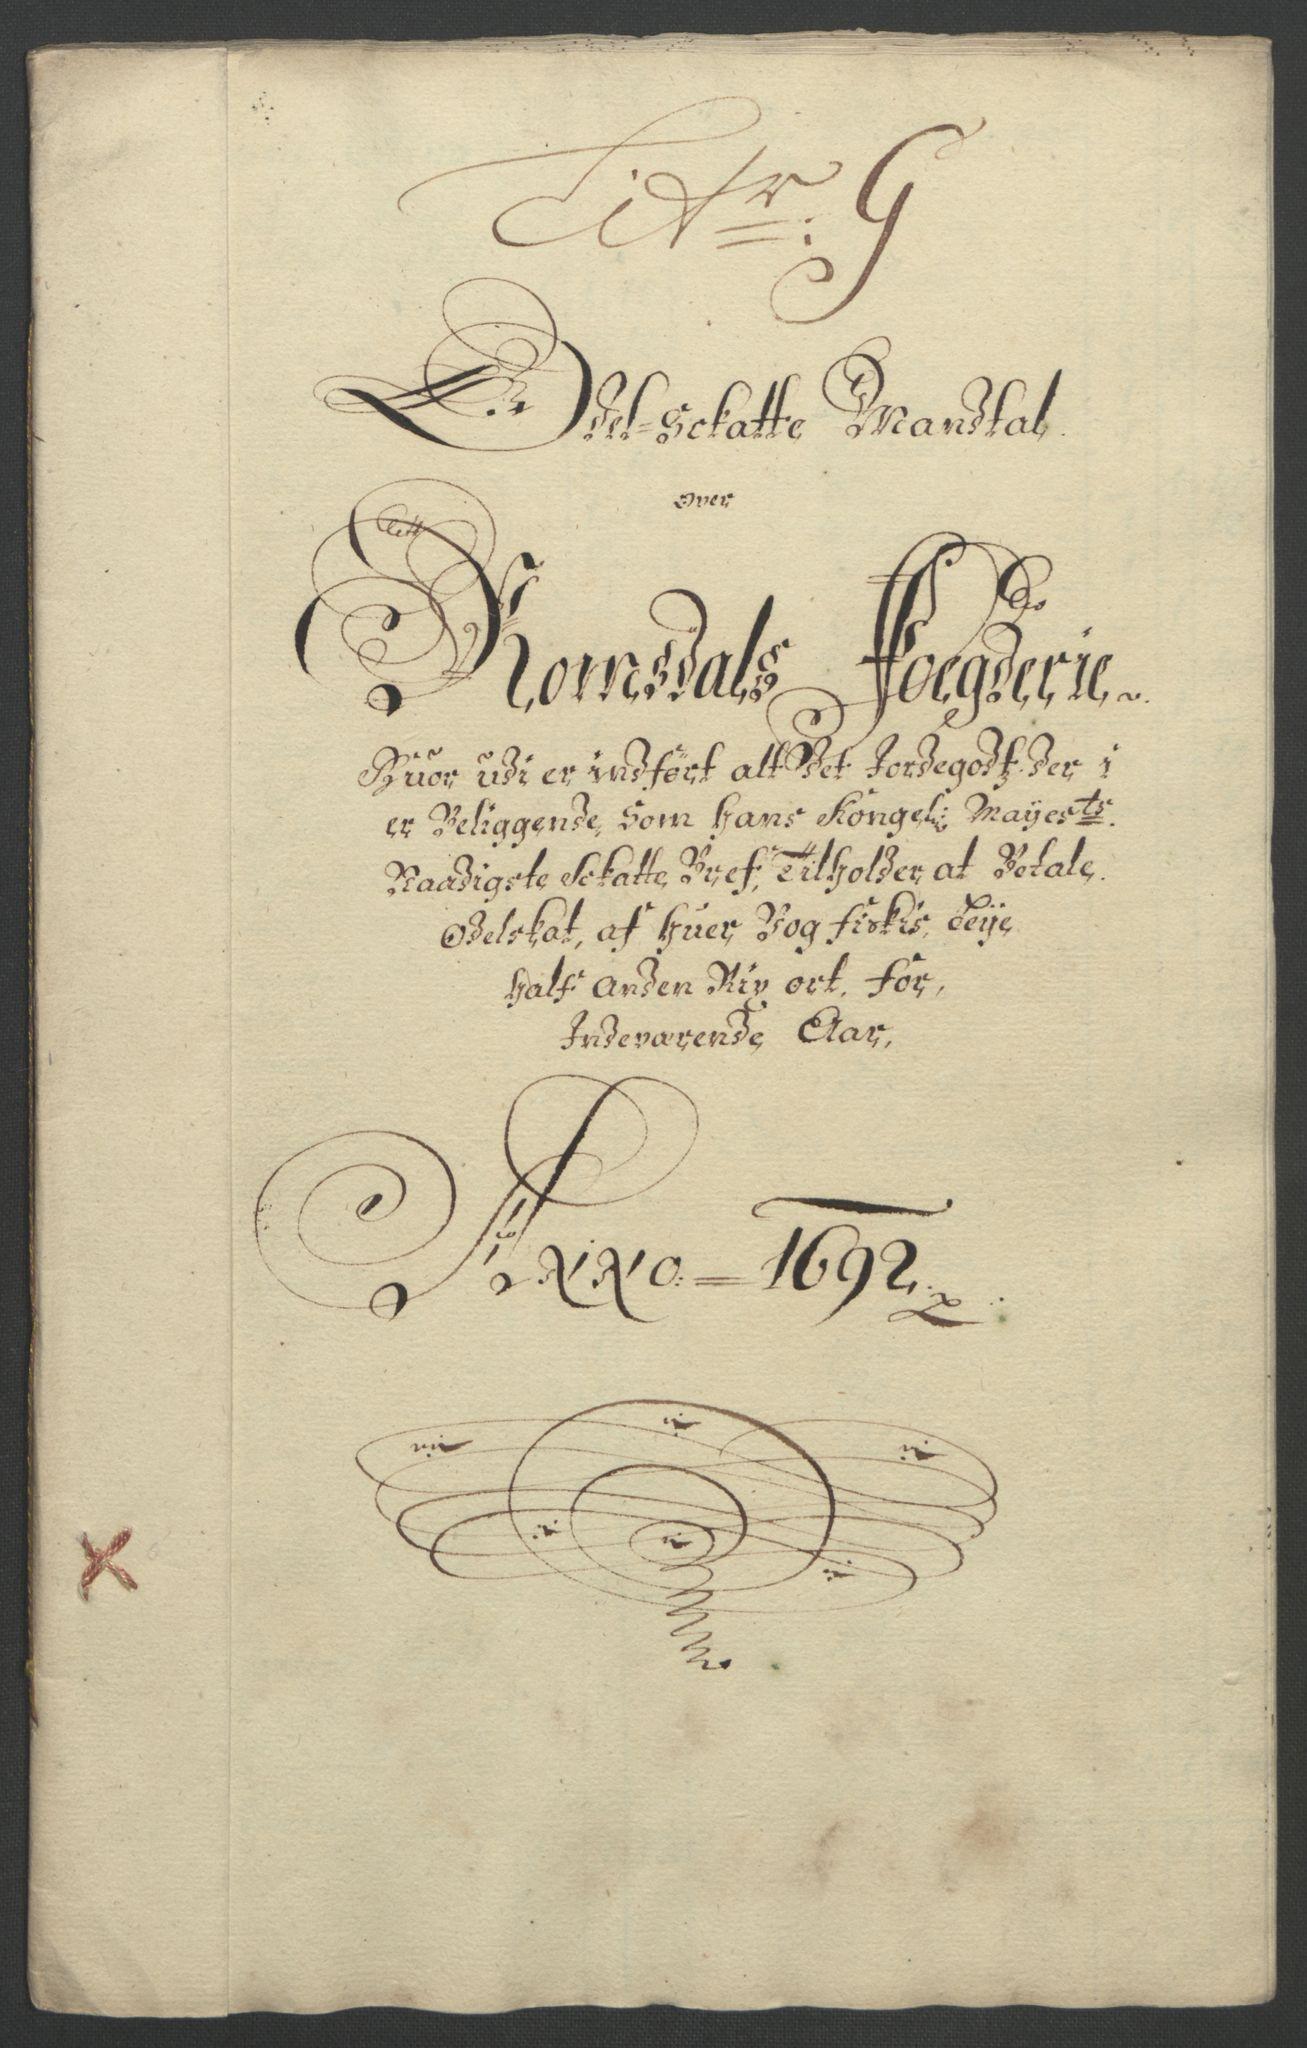 RA, Rentekammeret inntil 1814, Reviderte regnskaper, Fogderegnskap, R55/L3650: Fogderegnskap Romsdal, 1692, s. 90